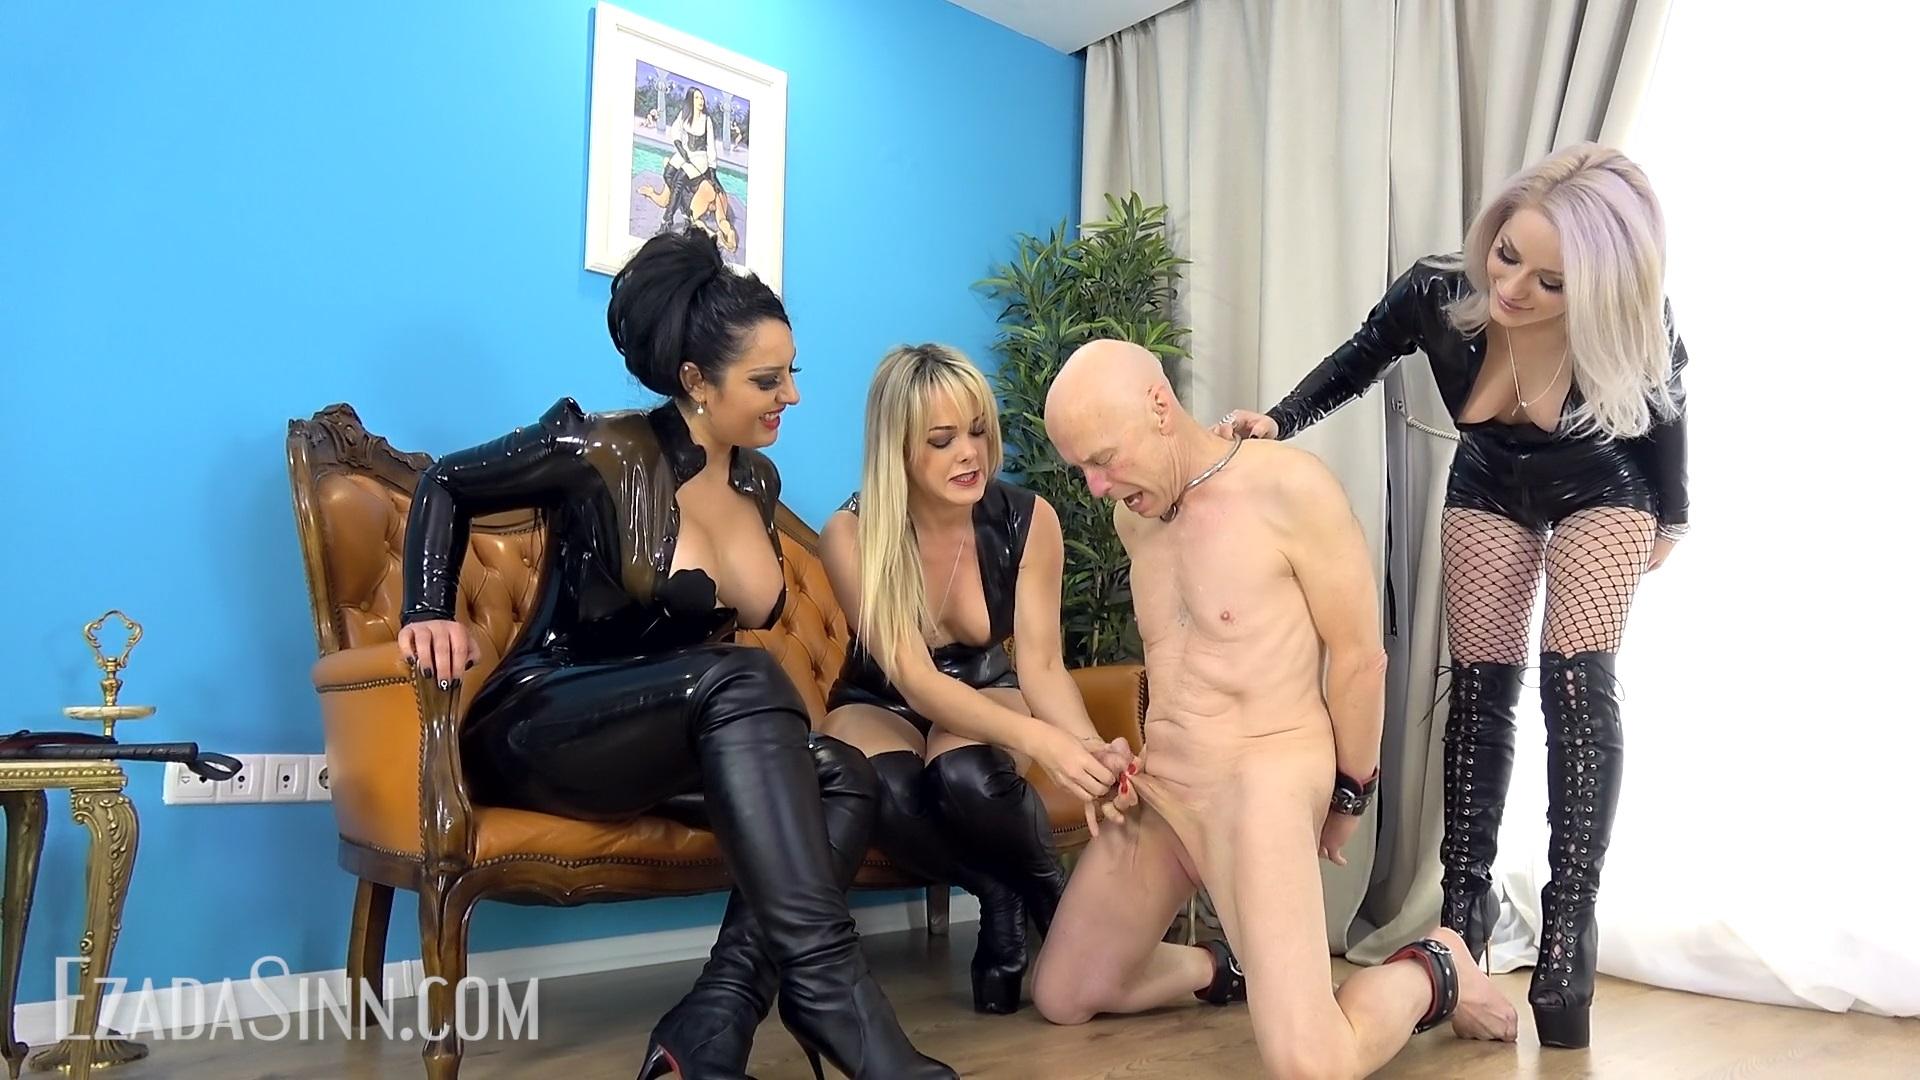 Sinn mistress ezada The interrogation